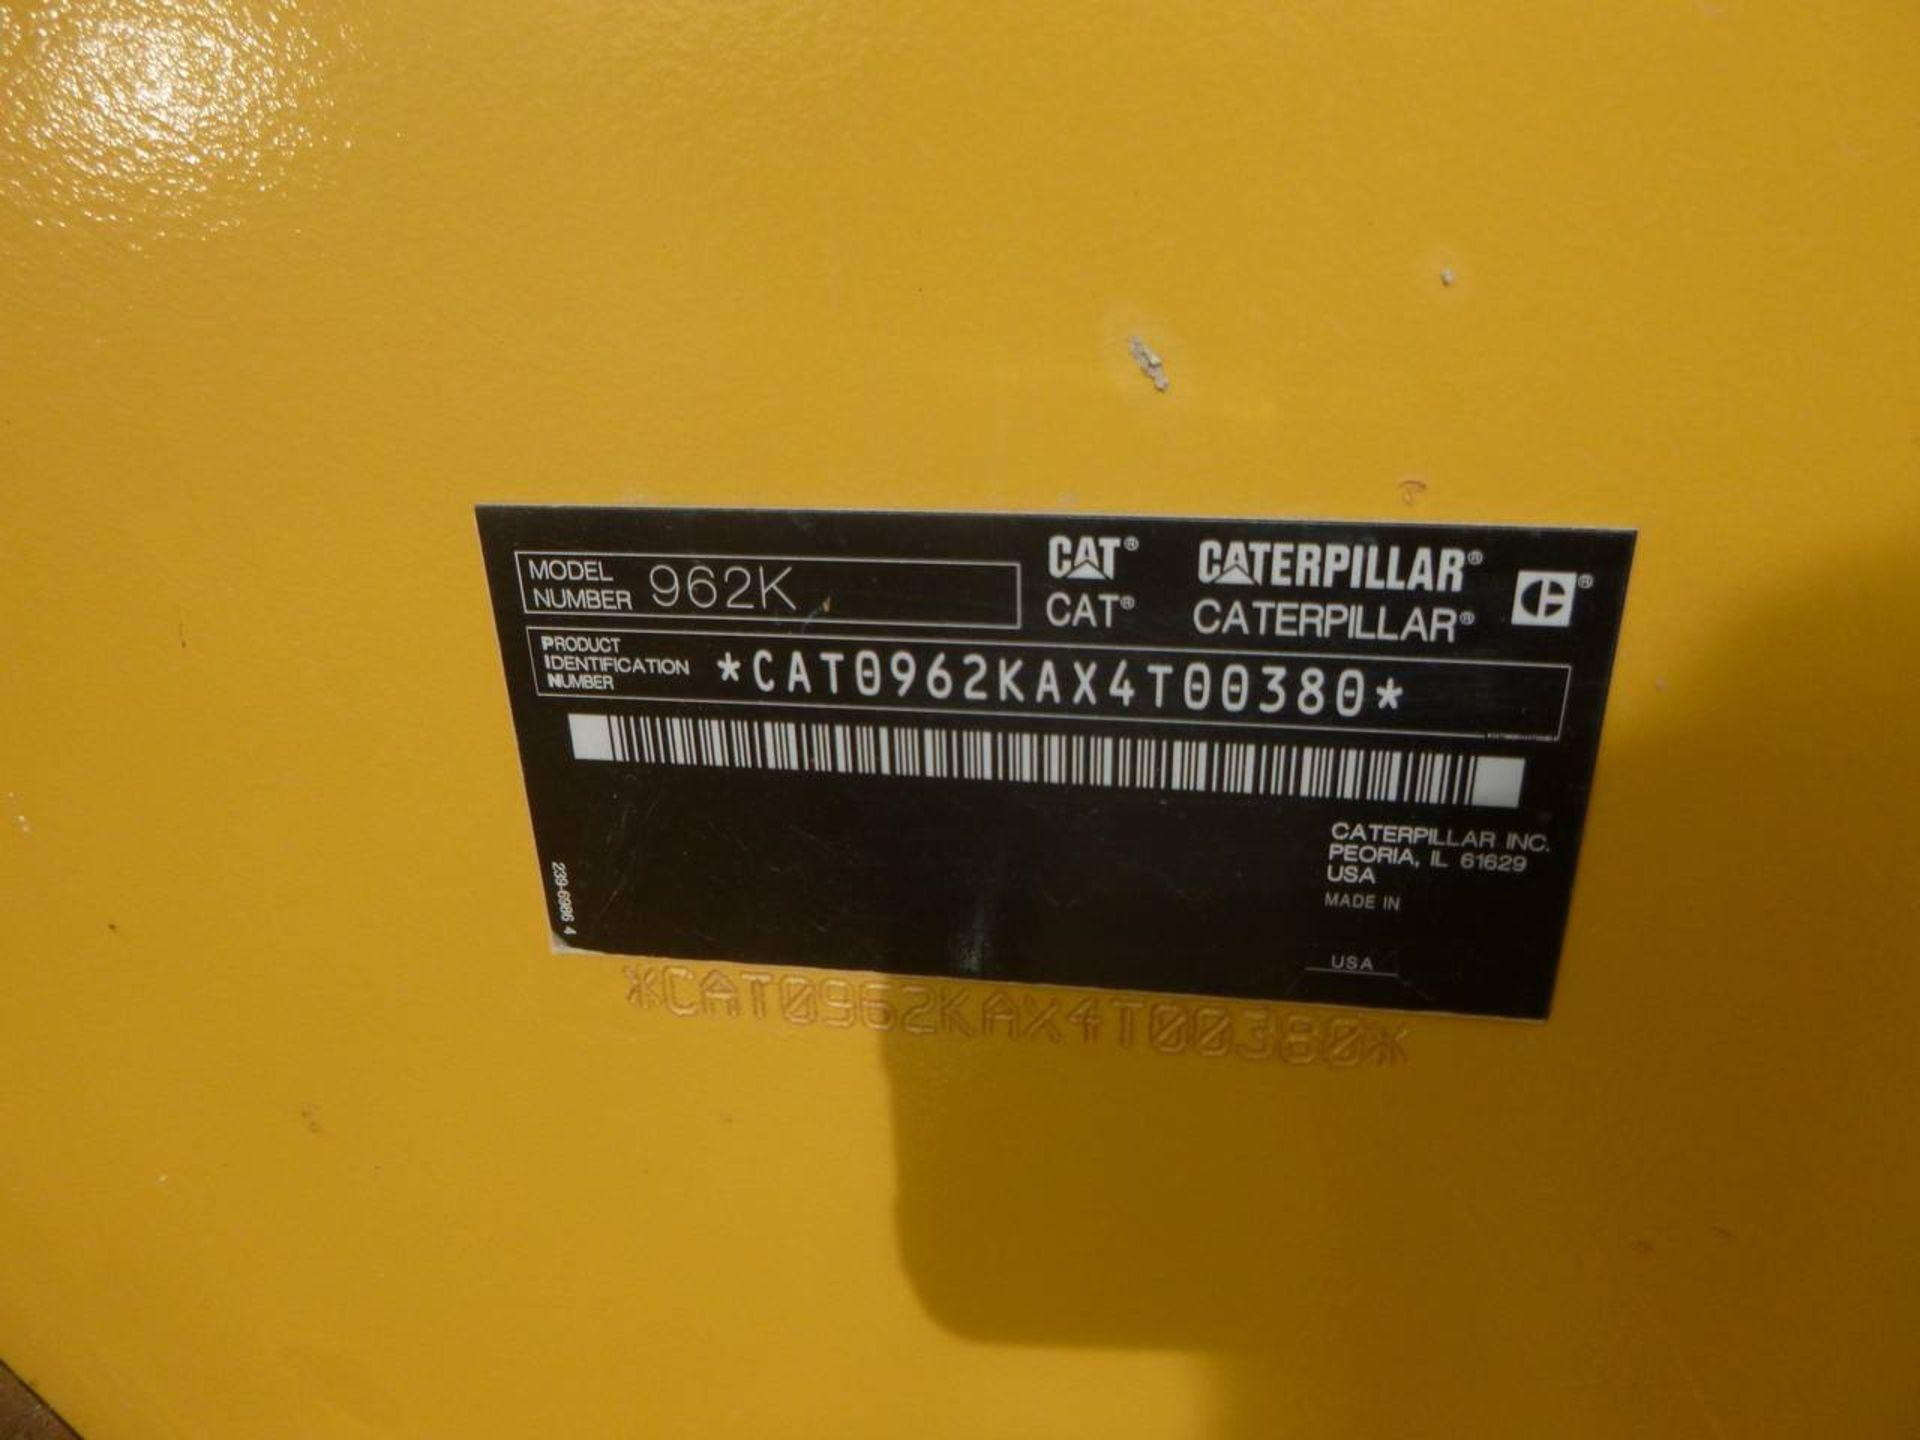 2012 Caterpillar 962K Front End Loader - Image 6 of 10